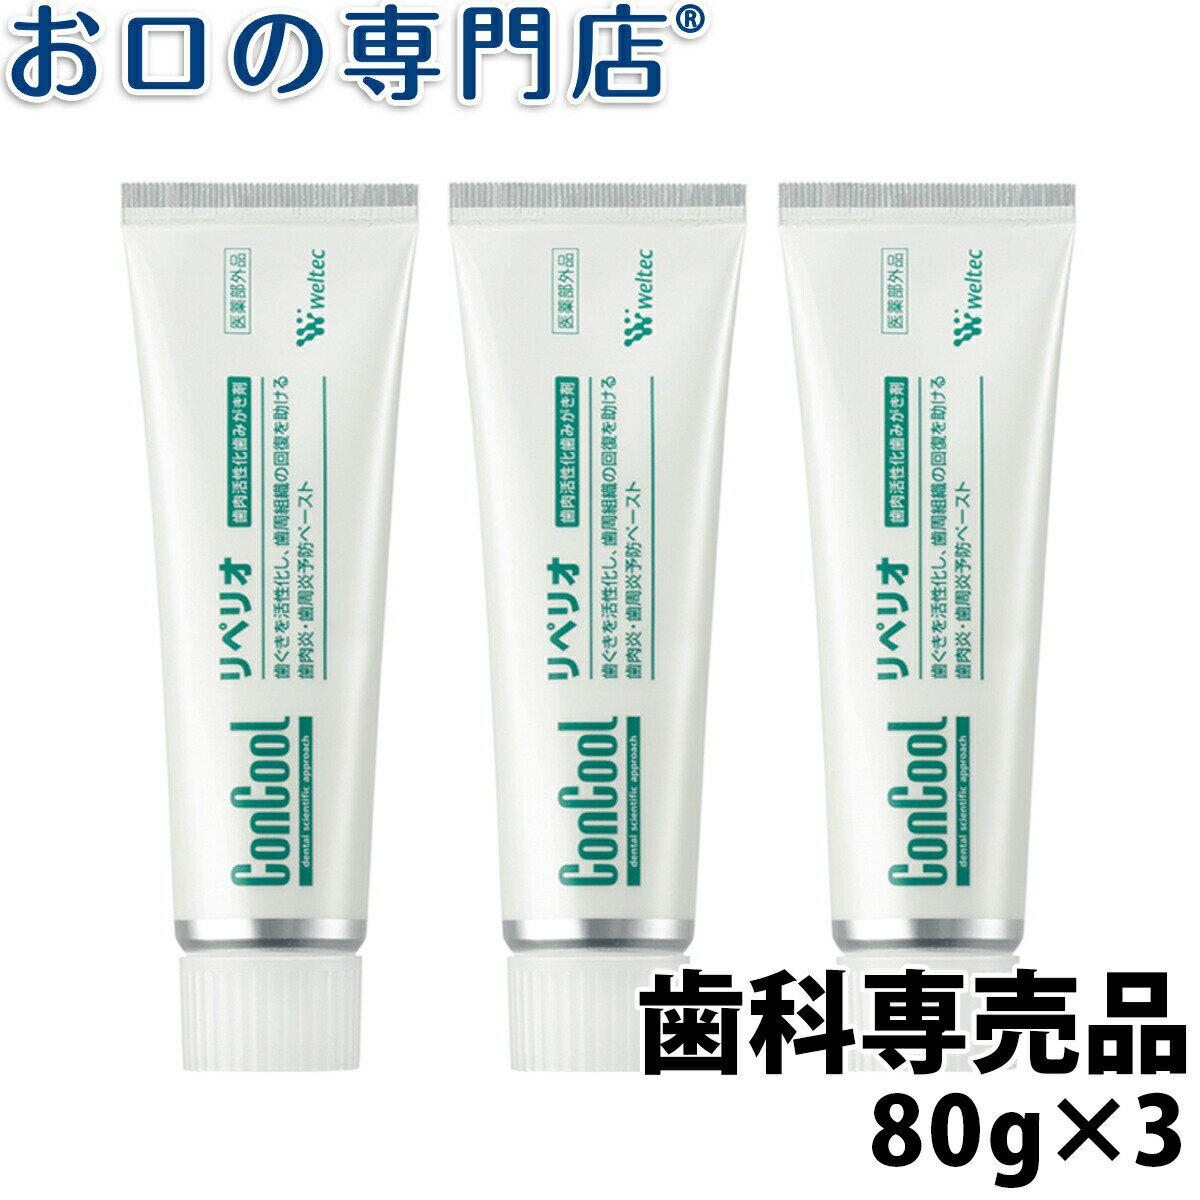 コンクール リペリオ 80g × 3本【コンクール】